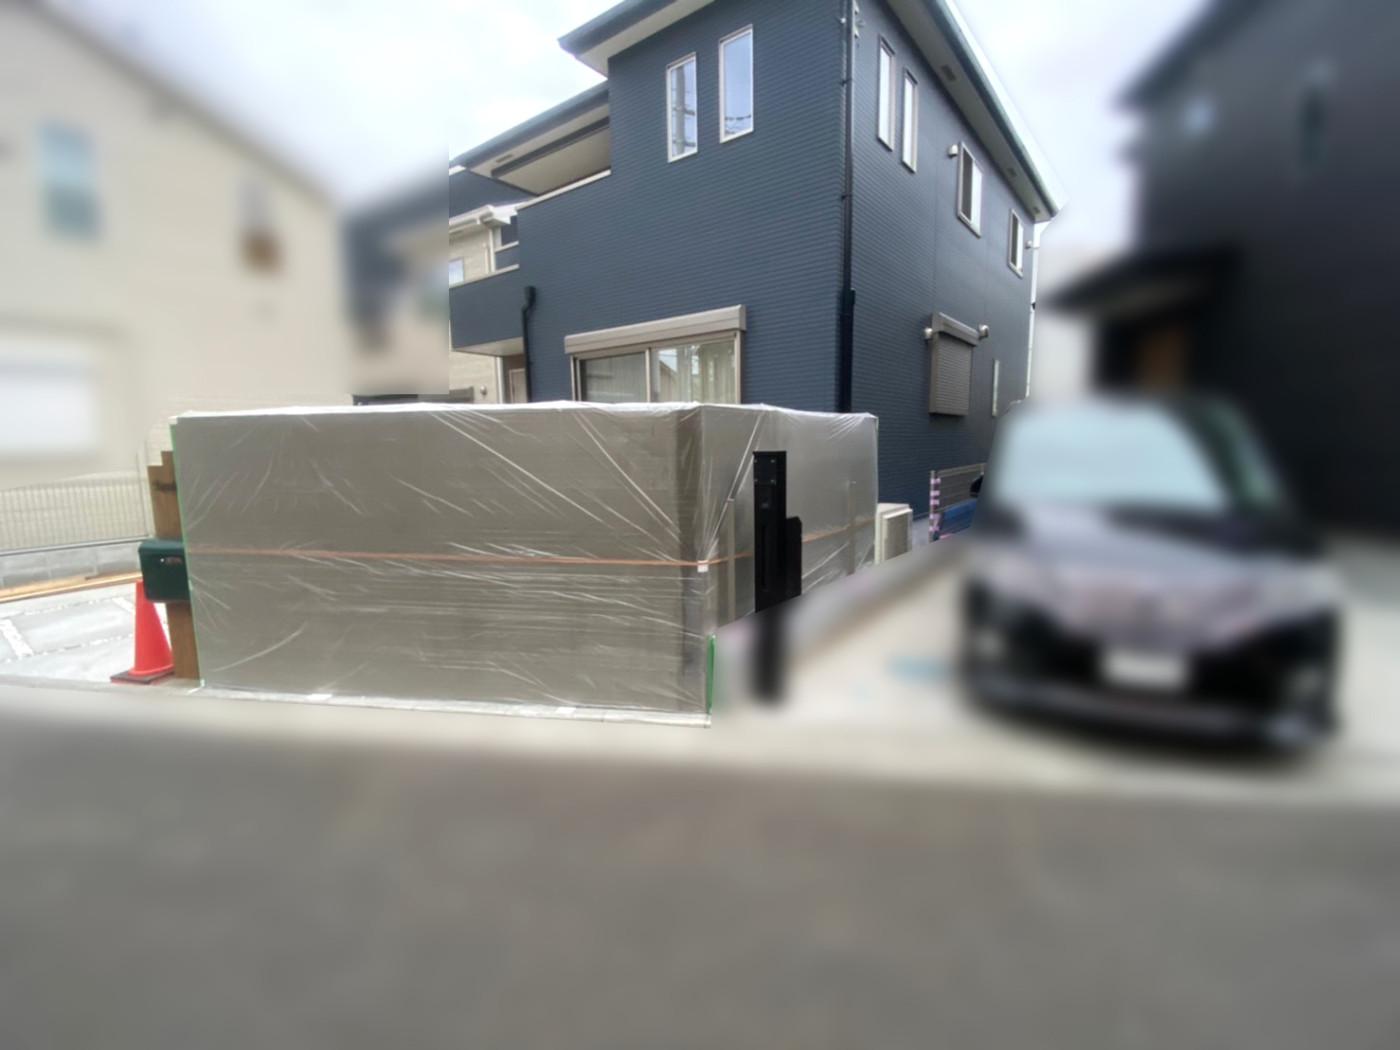 神奈川県 株式会社 琴美建設 グランドアートウォール施工イメージ2395_08